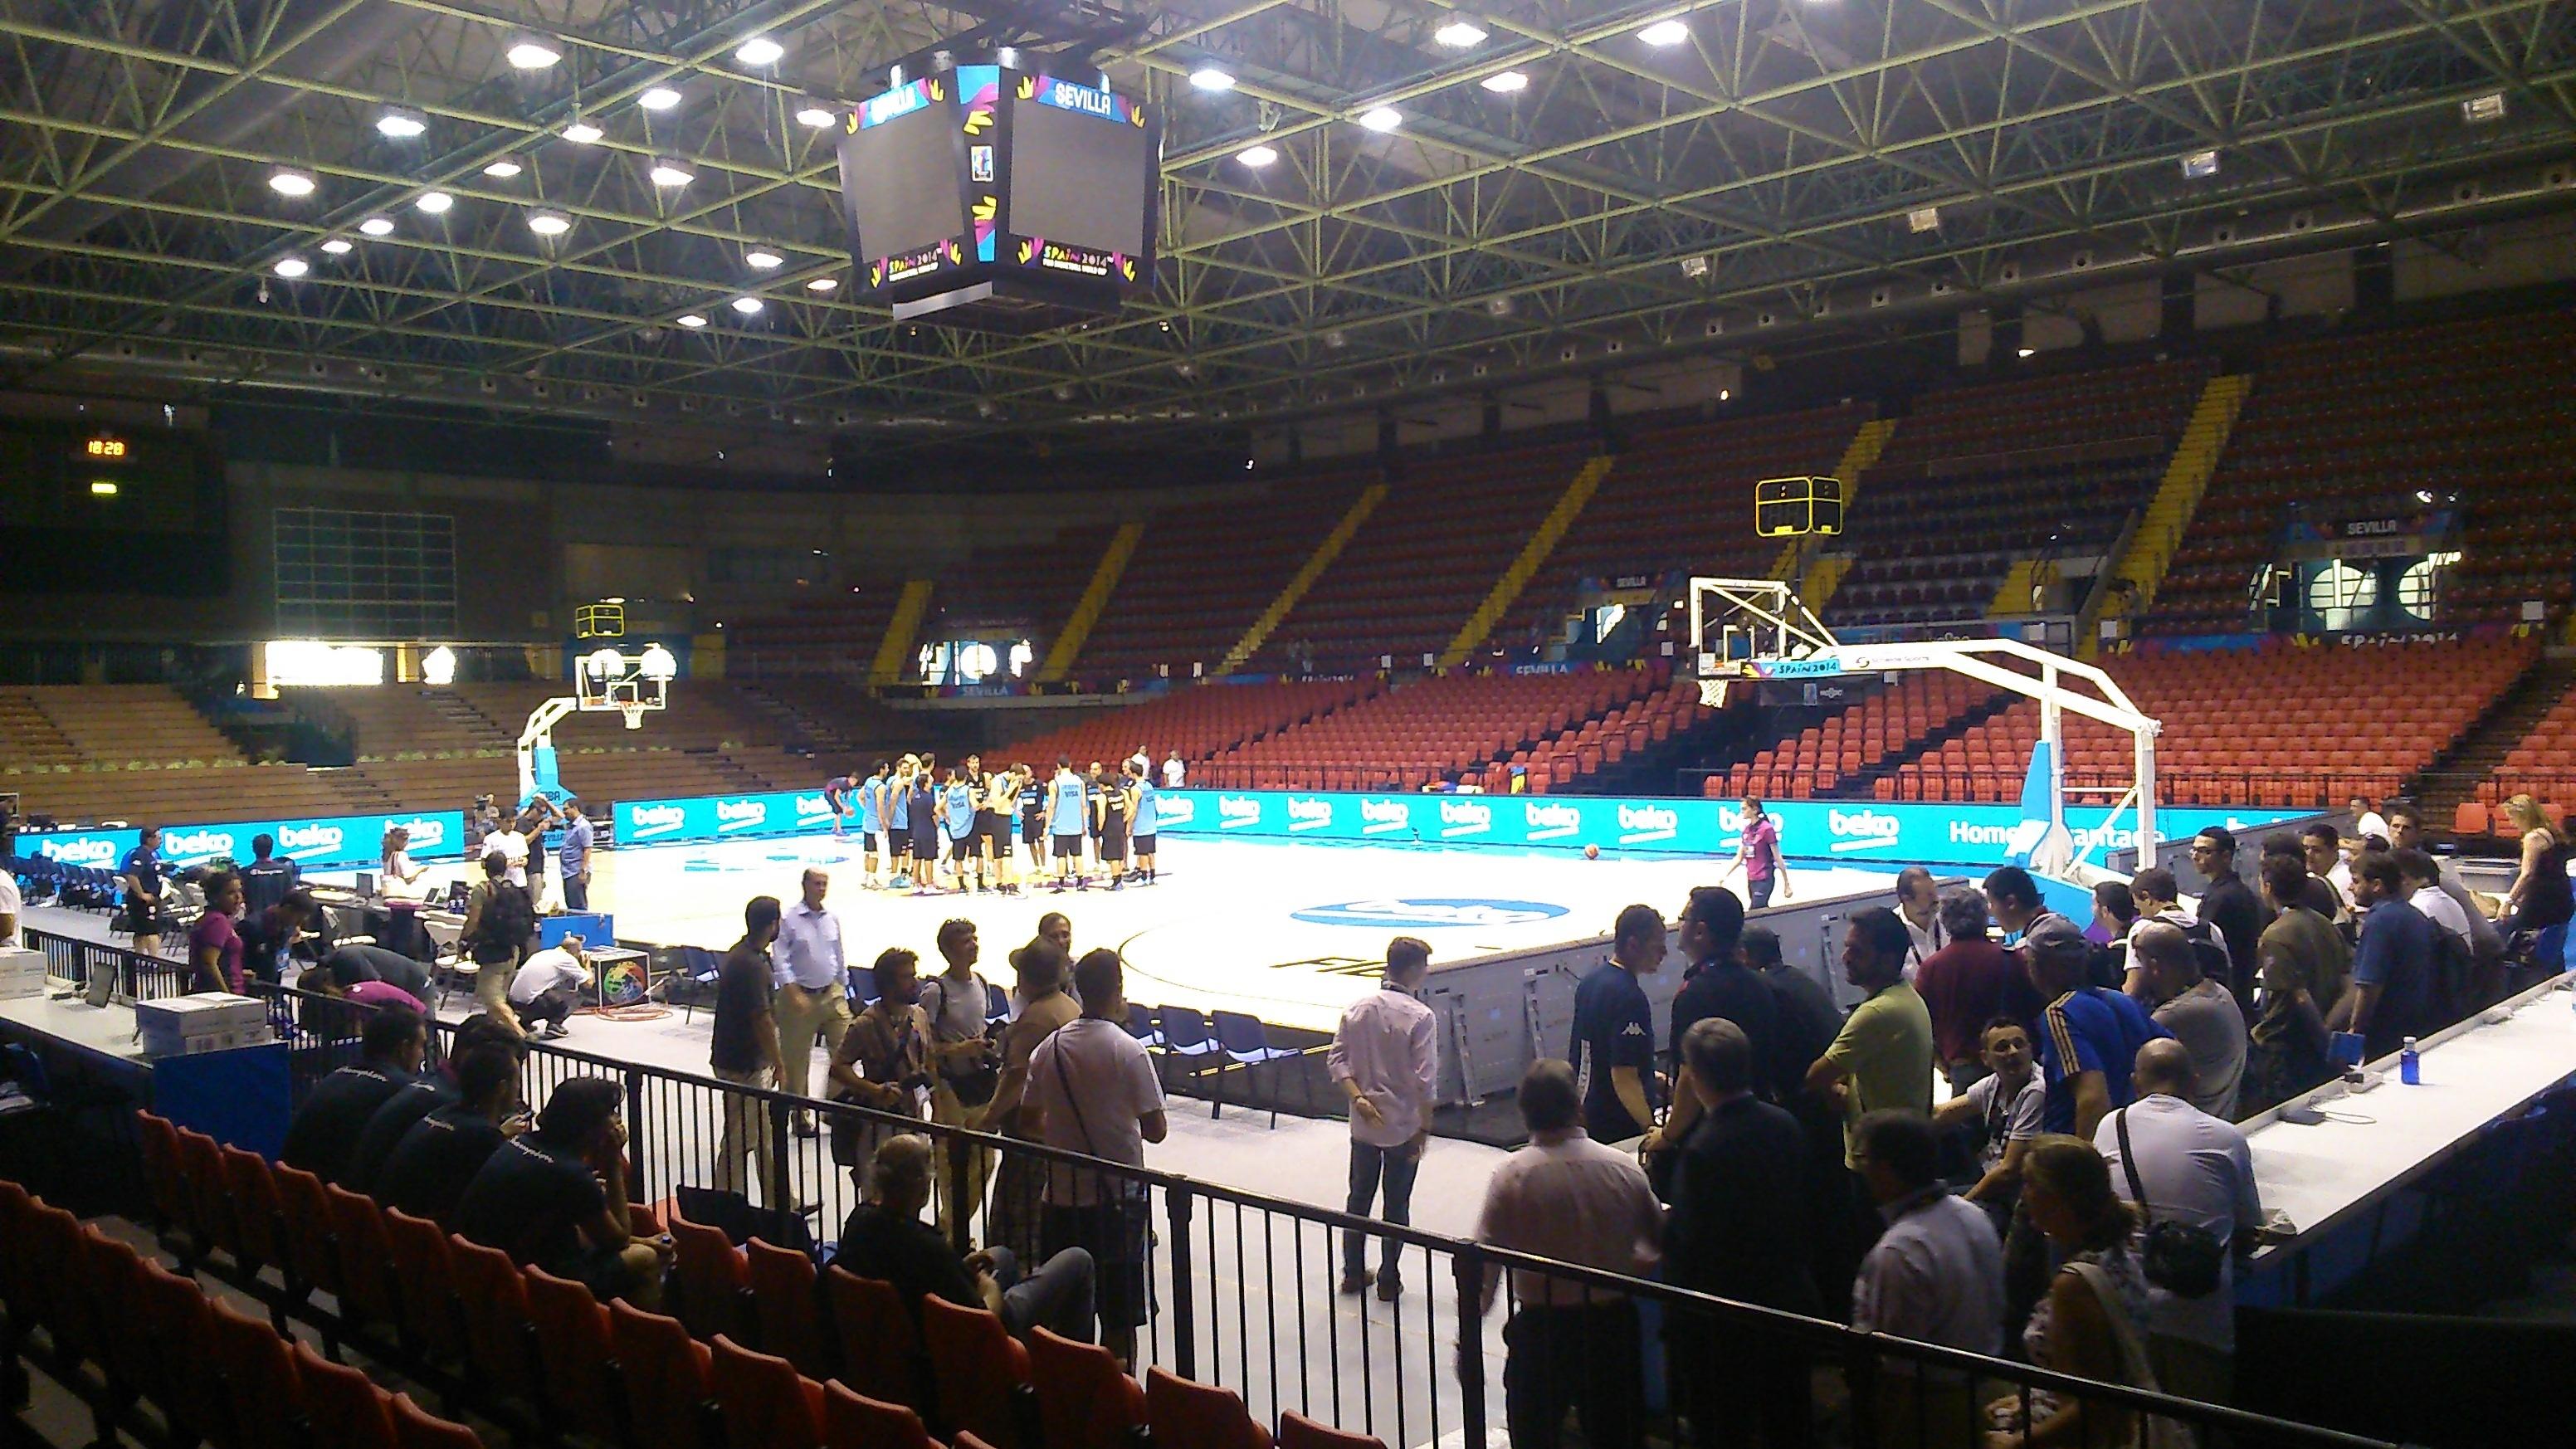 El pabellón de San Pablo está listo para el Mundobasket. / E.P.